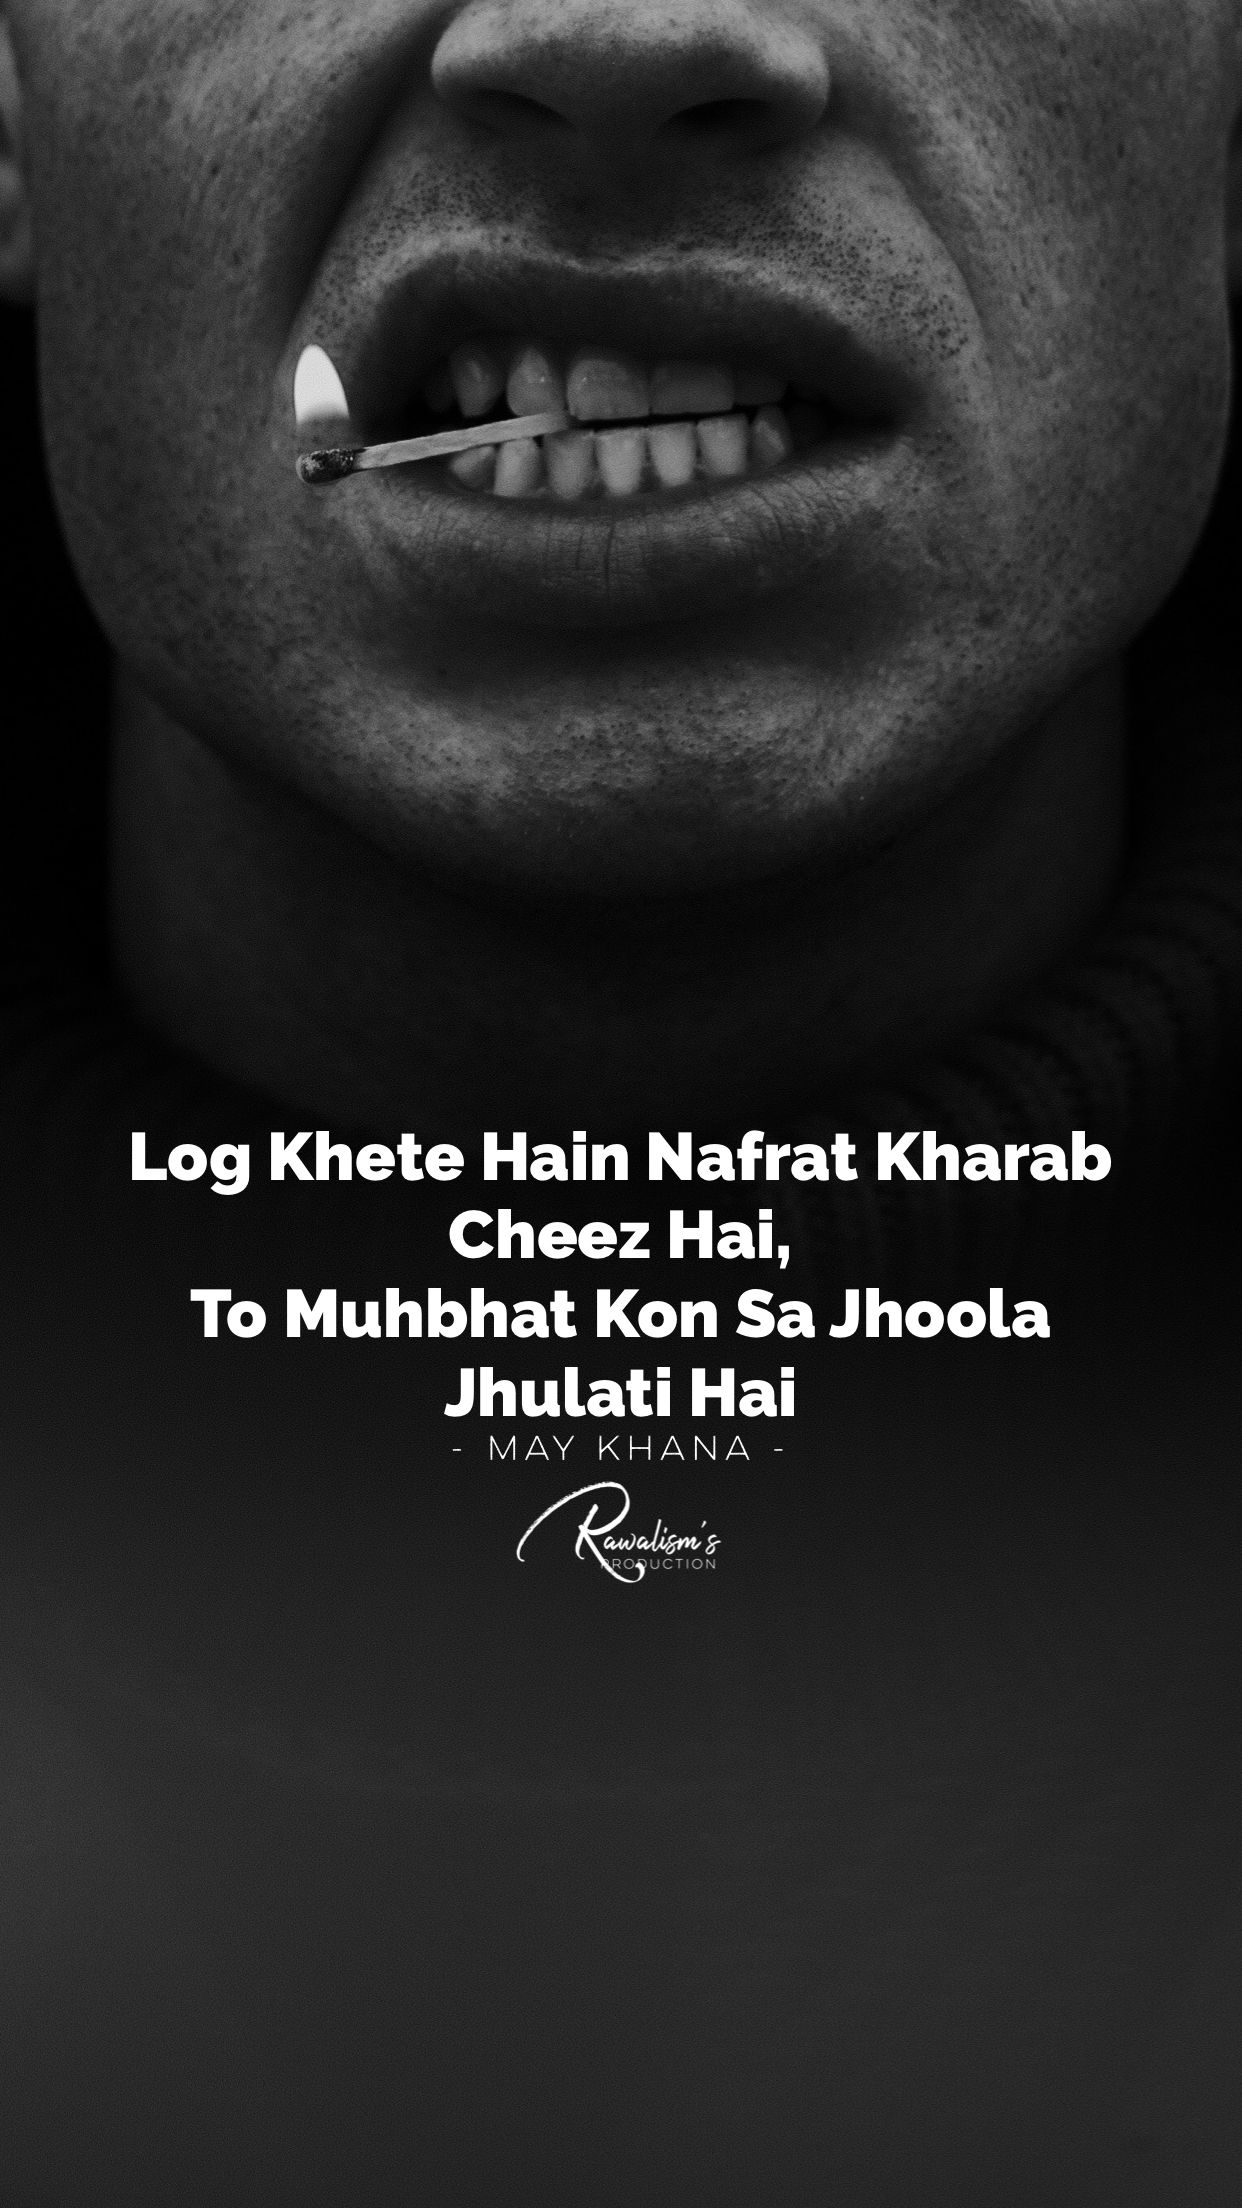 Urdu | Hindi | English | Poetry | Shayari | Status | Stories